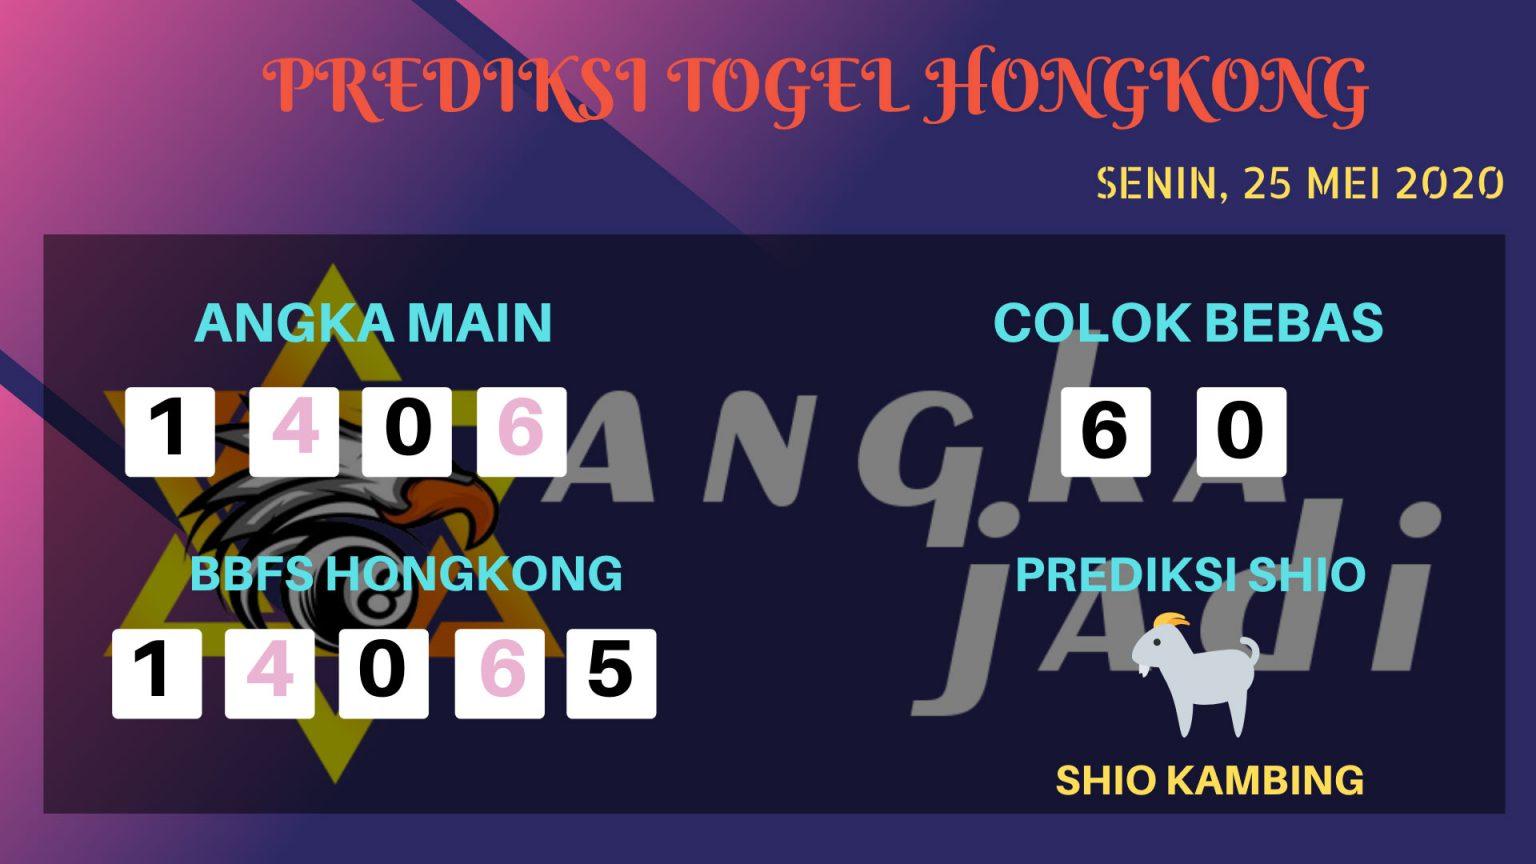 Prediksi Togel Hongkong Senin 25 Mei 2020 - Bocoran HK